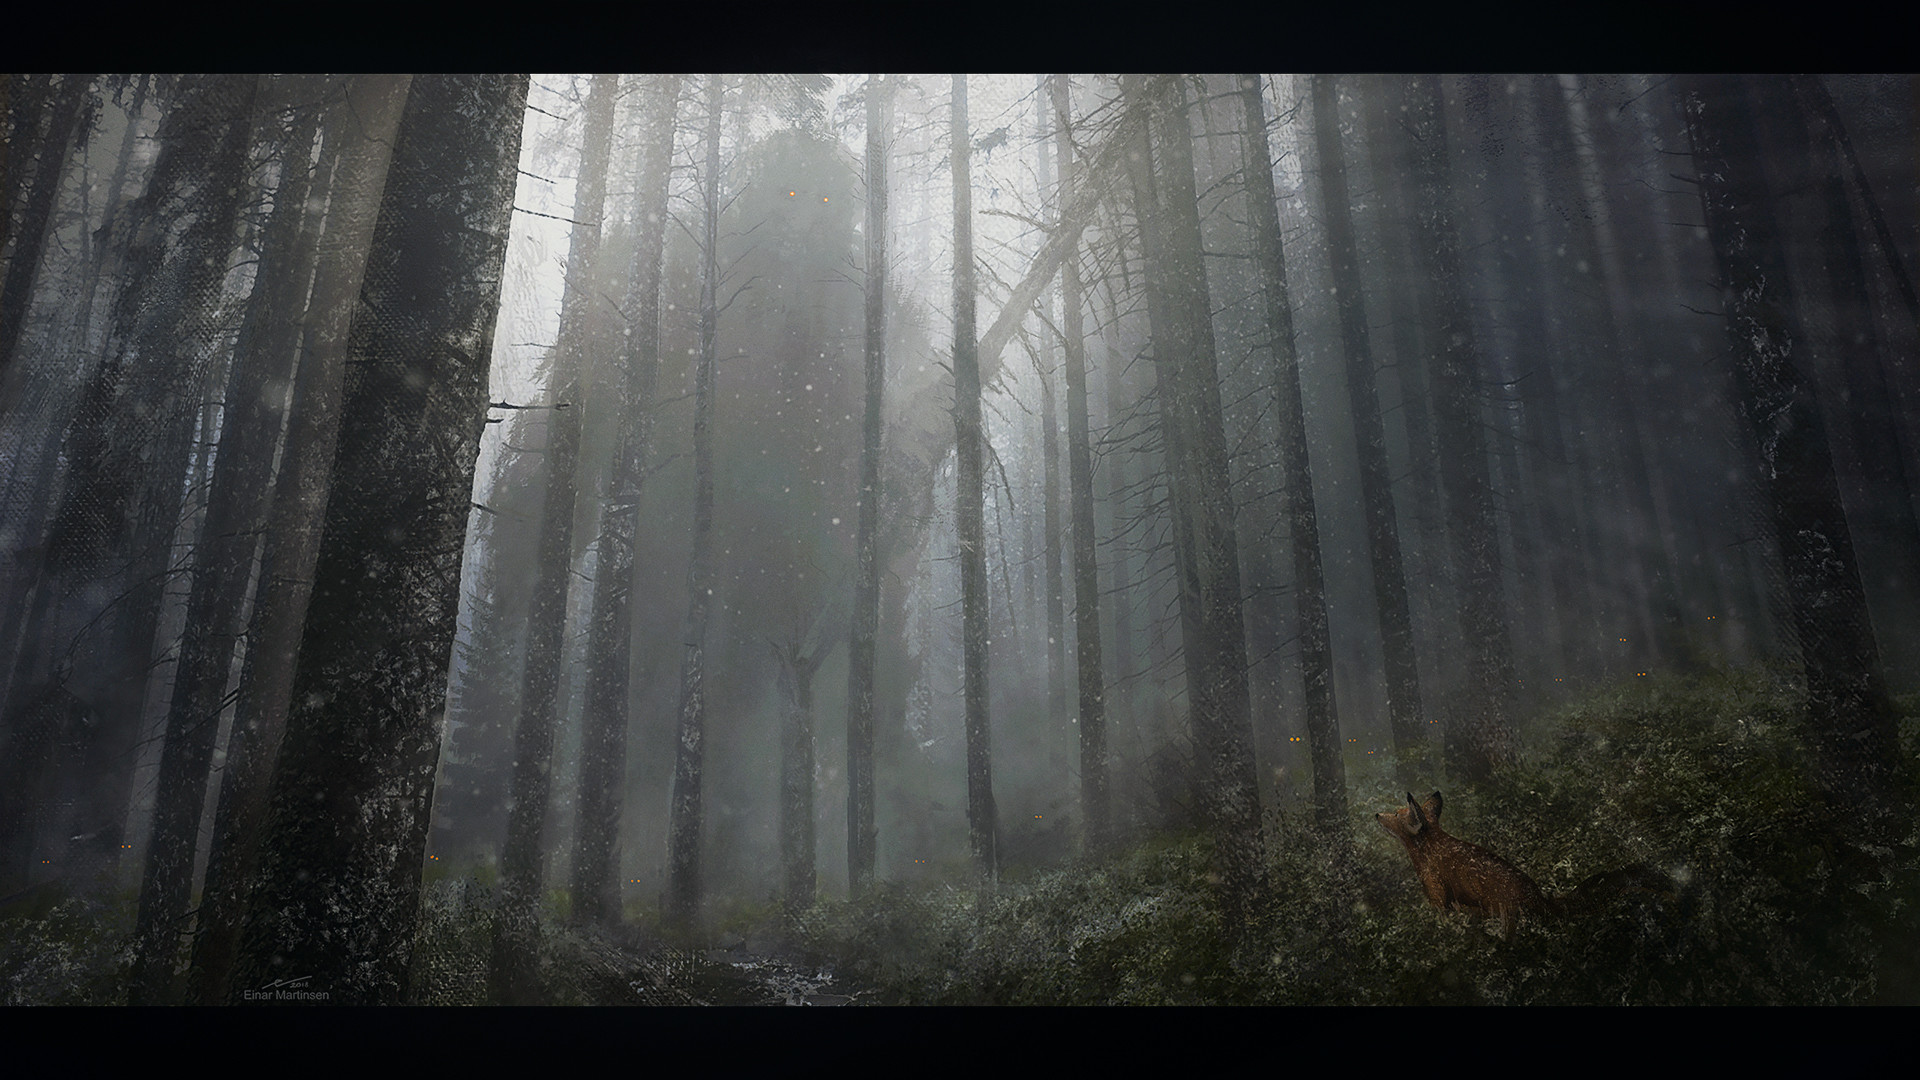 Einar martinsen viking forestfog em 01